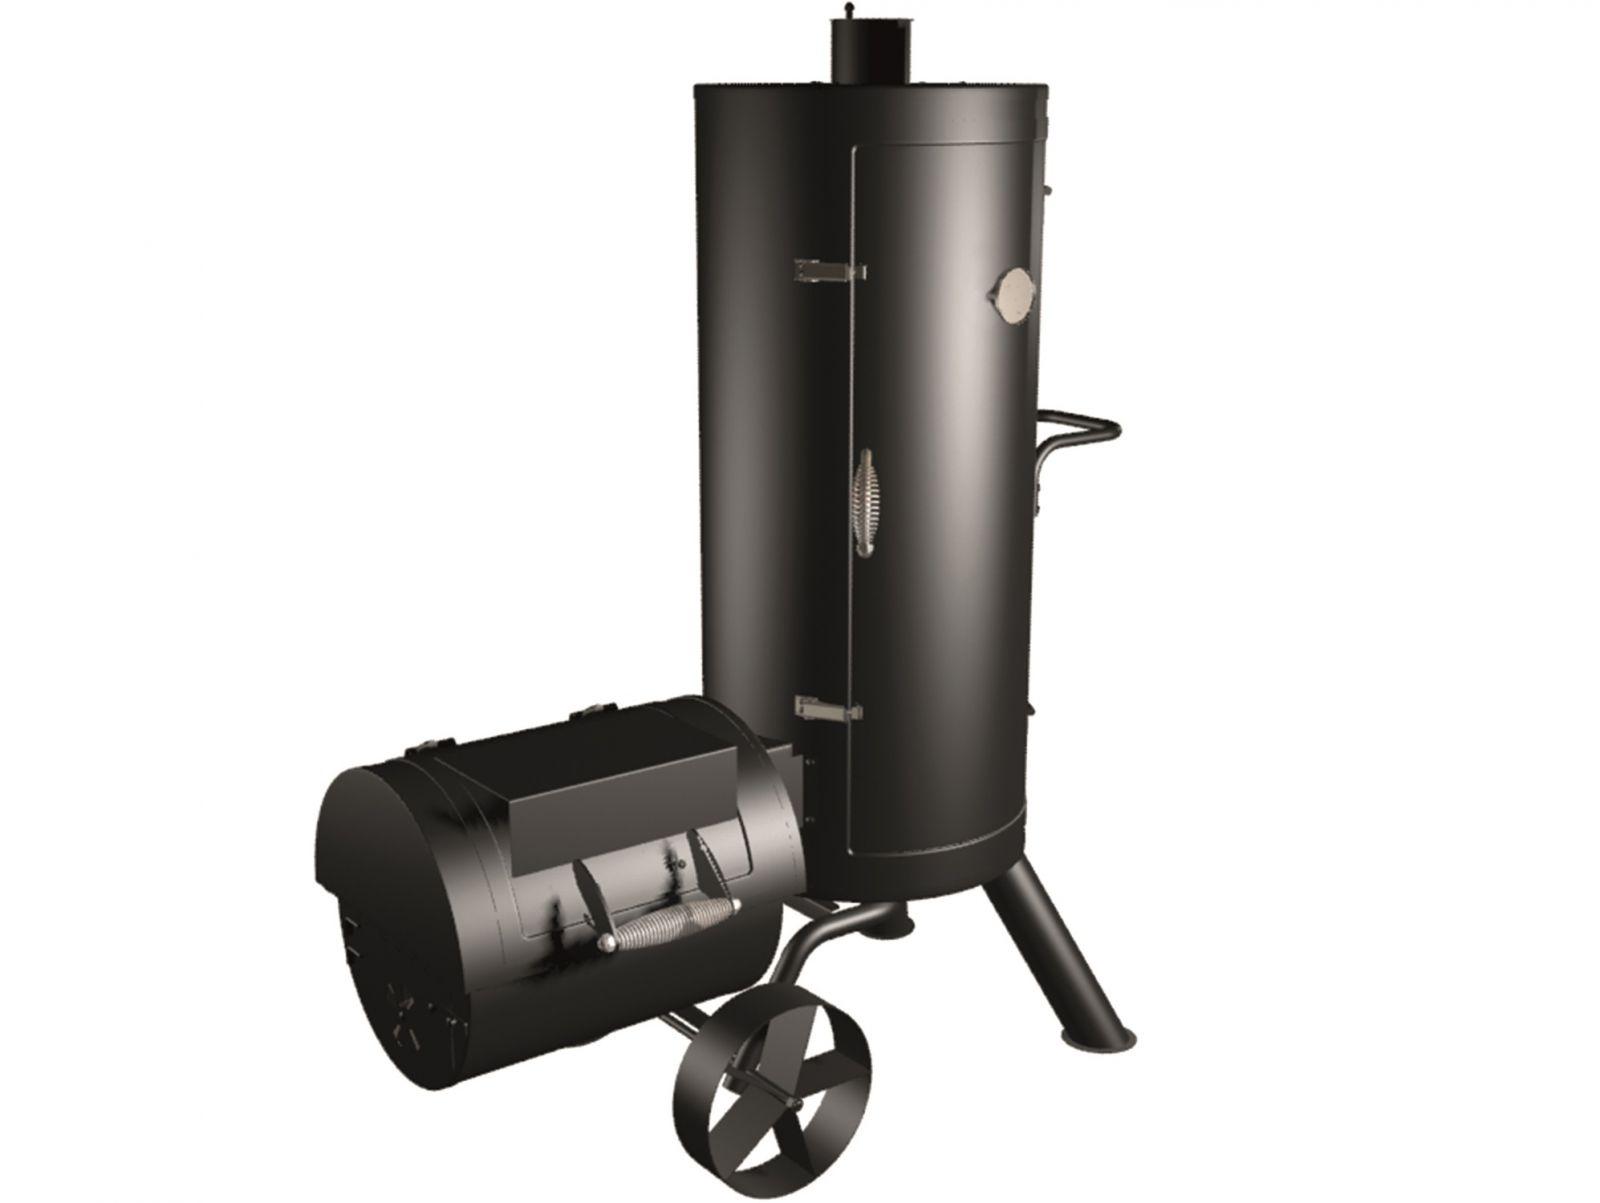 Zahradní gril na dřevěné uhlí s komínem - udírna TEPRO Fairfax 1104N - udírna 4 rošty pro uzení, boční komora 2 smaltové rošty, regulace vzduchu, 118,6 x 66,4 x 145,6 cm